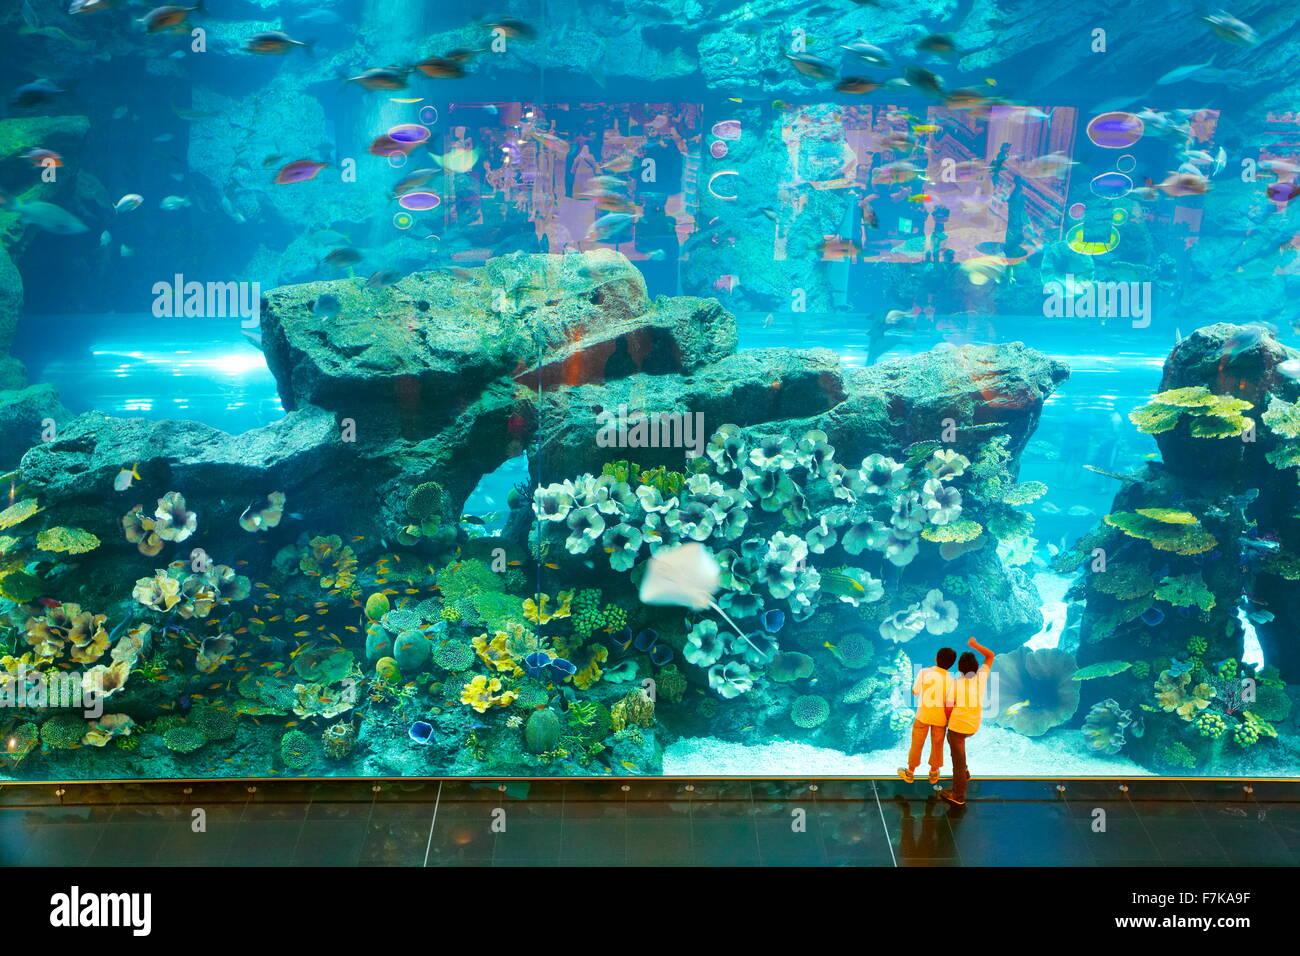 Kinder betrachten Unterwasserwelt im Aquarium Dubai Mall, Dubai, Vereinigte Arabische Emirate Stockbild